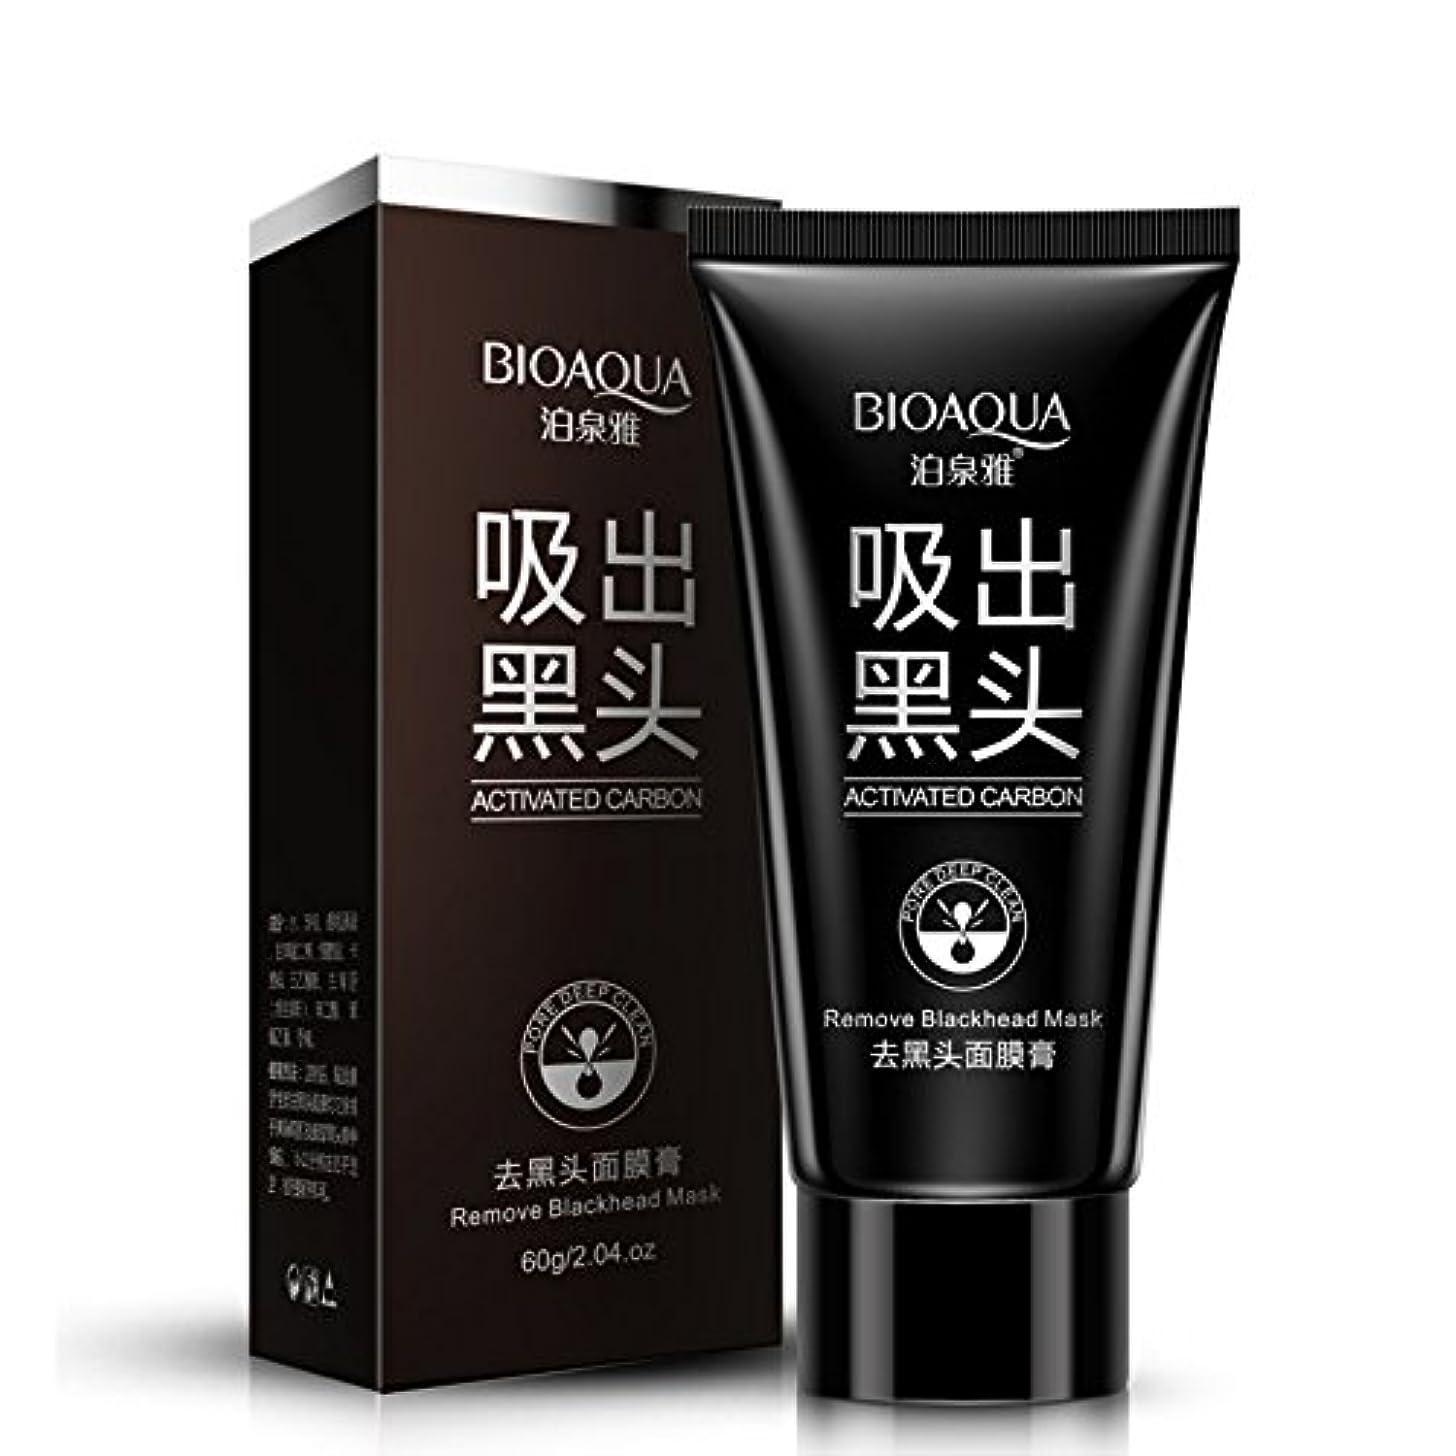 バースト以上野心的Suction Black Mask Shrink Black Head Spots Pores,Face Mask Blackhead Removal Blackheads Cosmetics Facials Moisturizing...